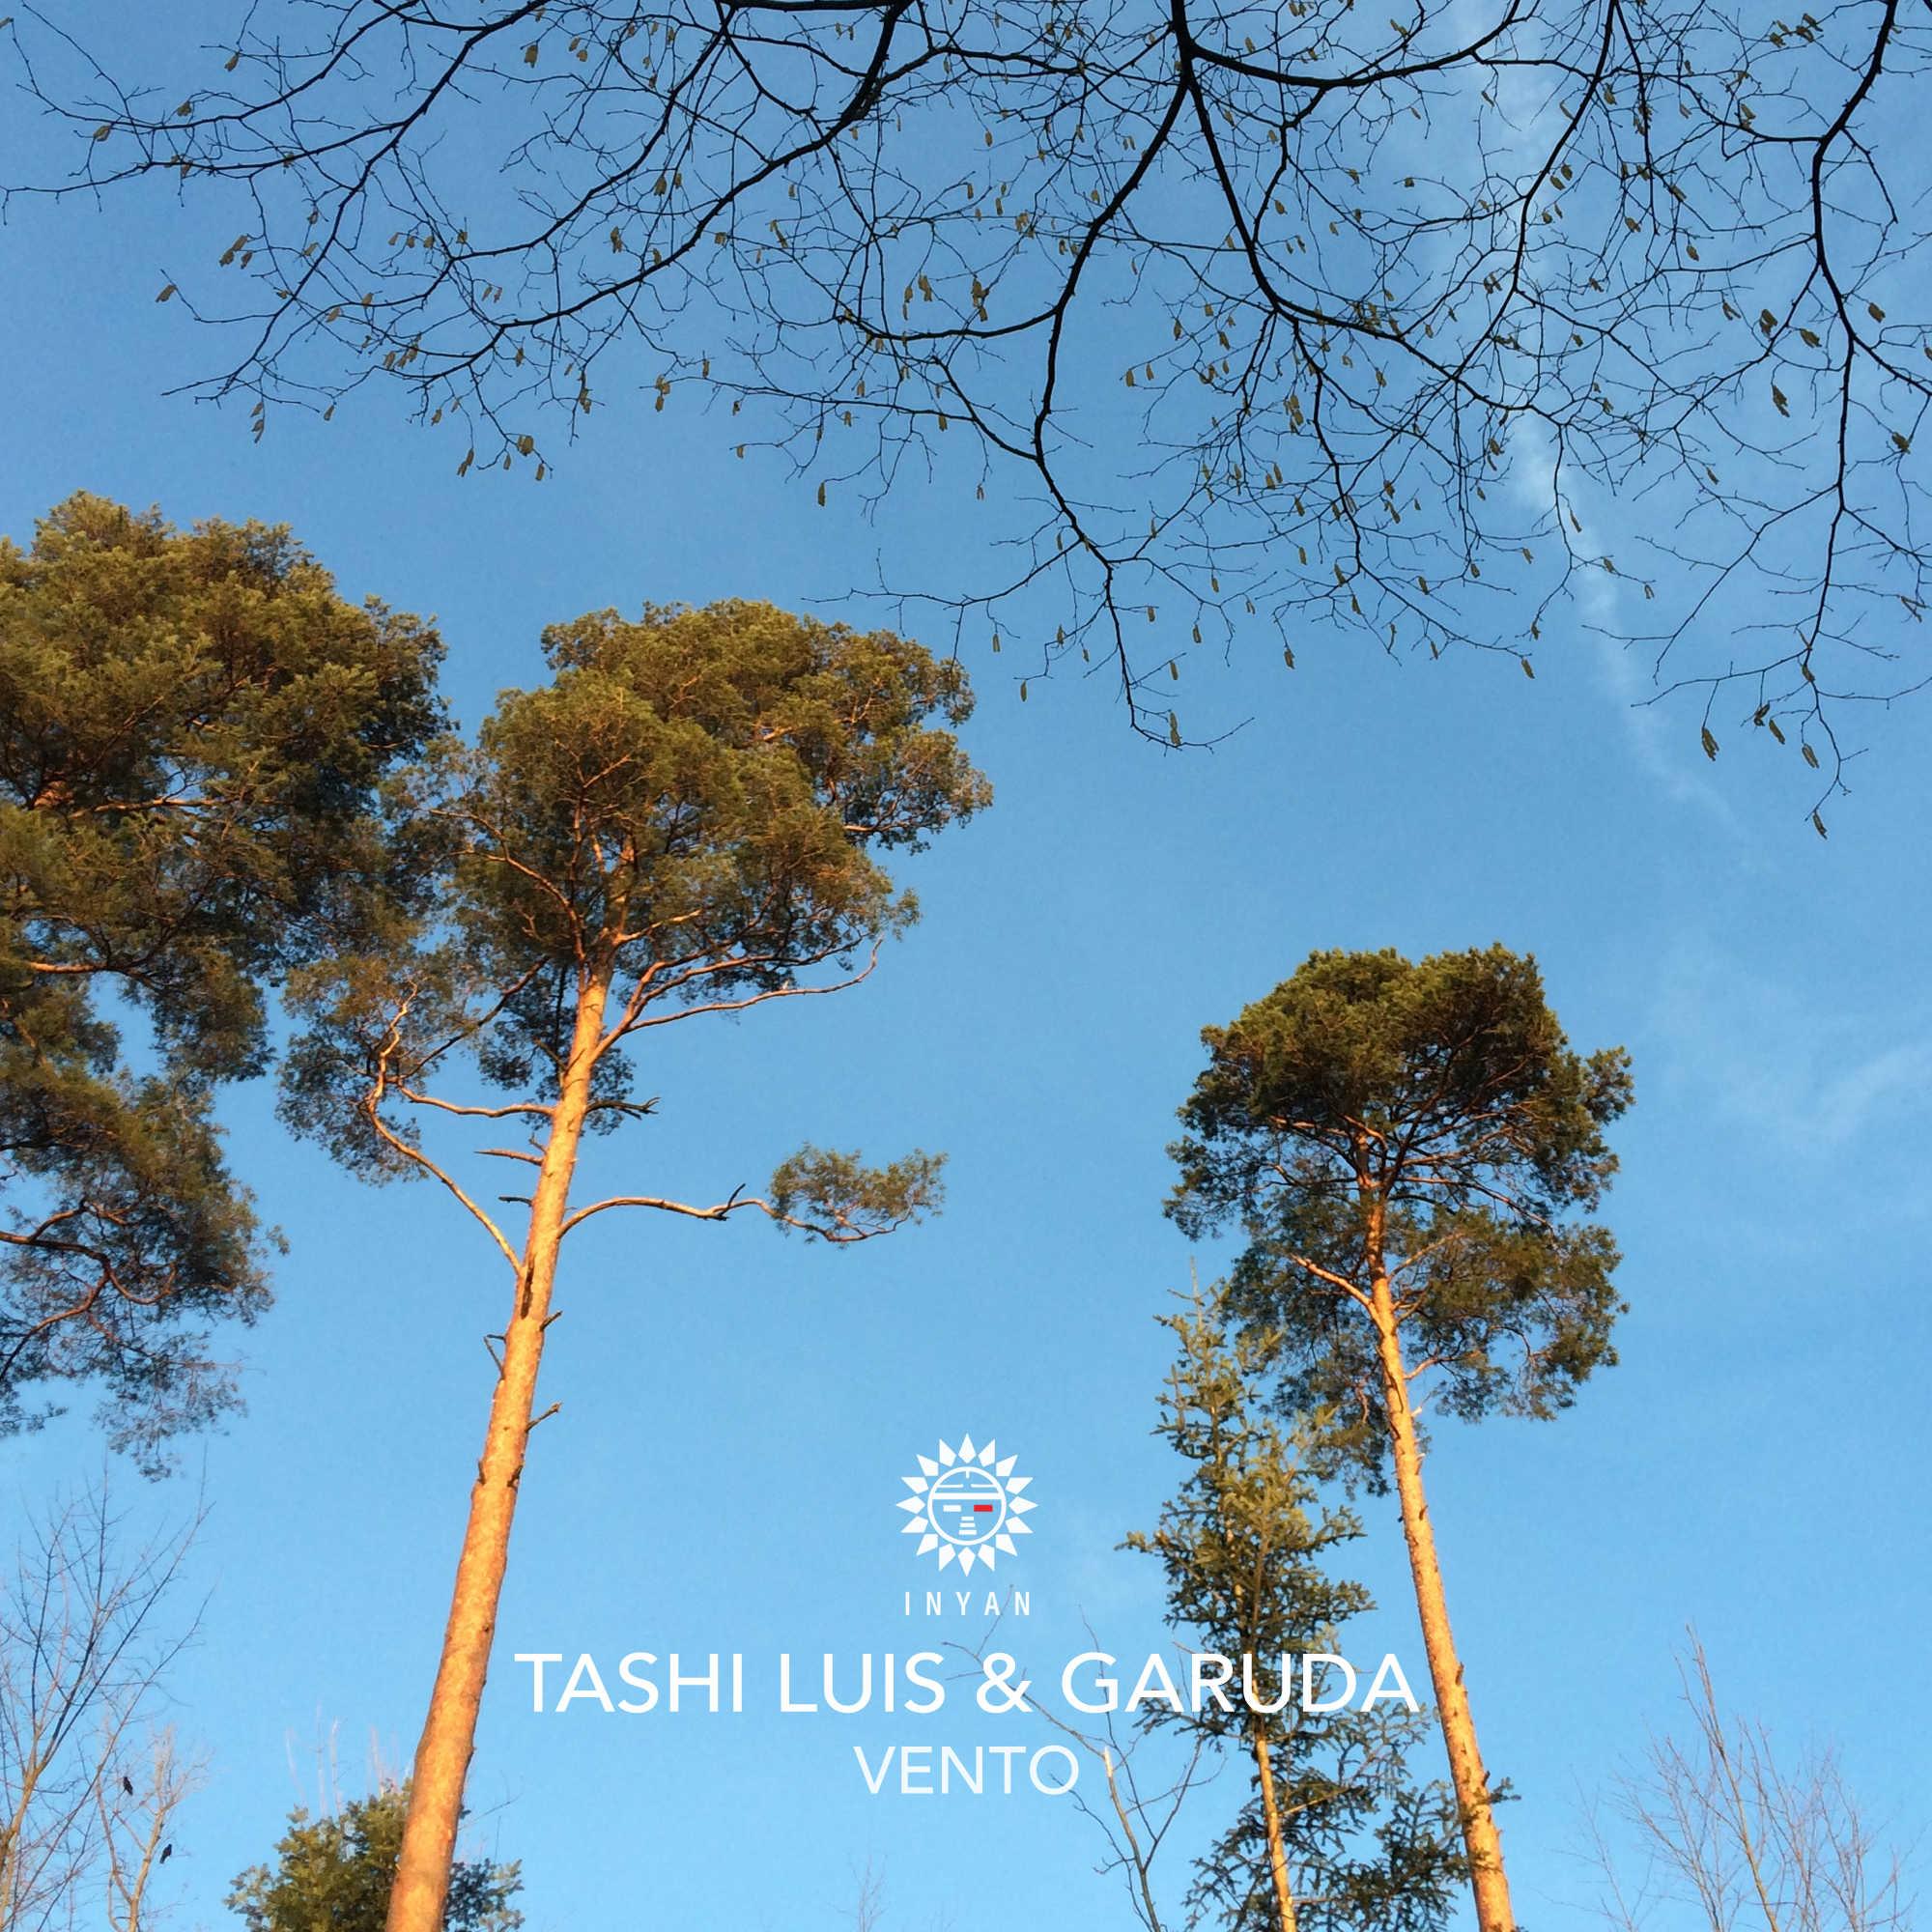 Tashi & Luis Garuda – Vento (Inyan Music)